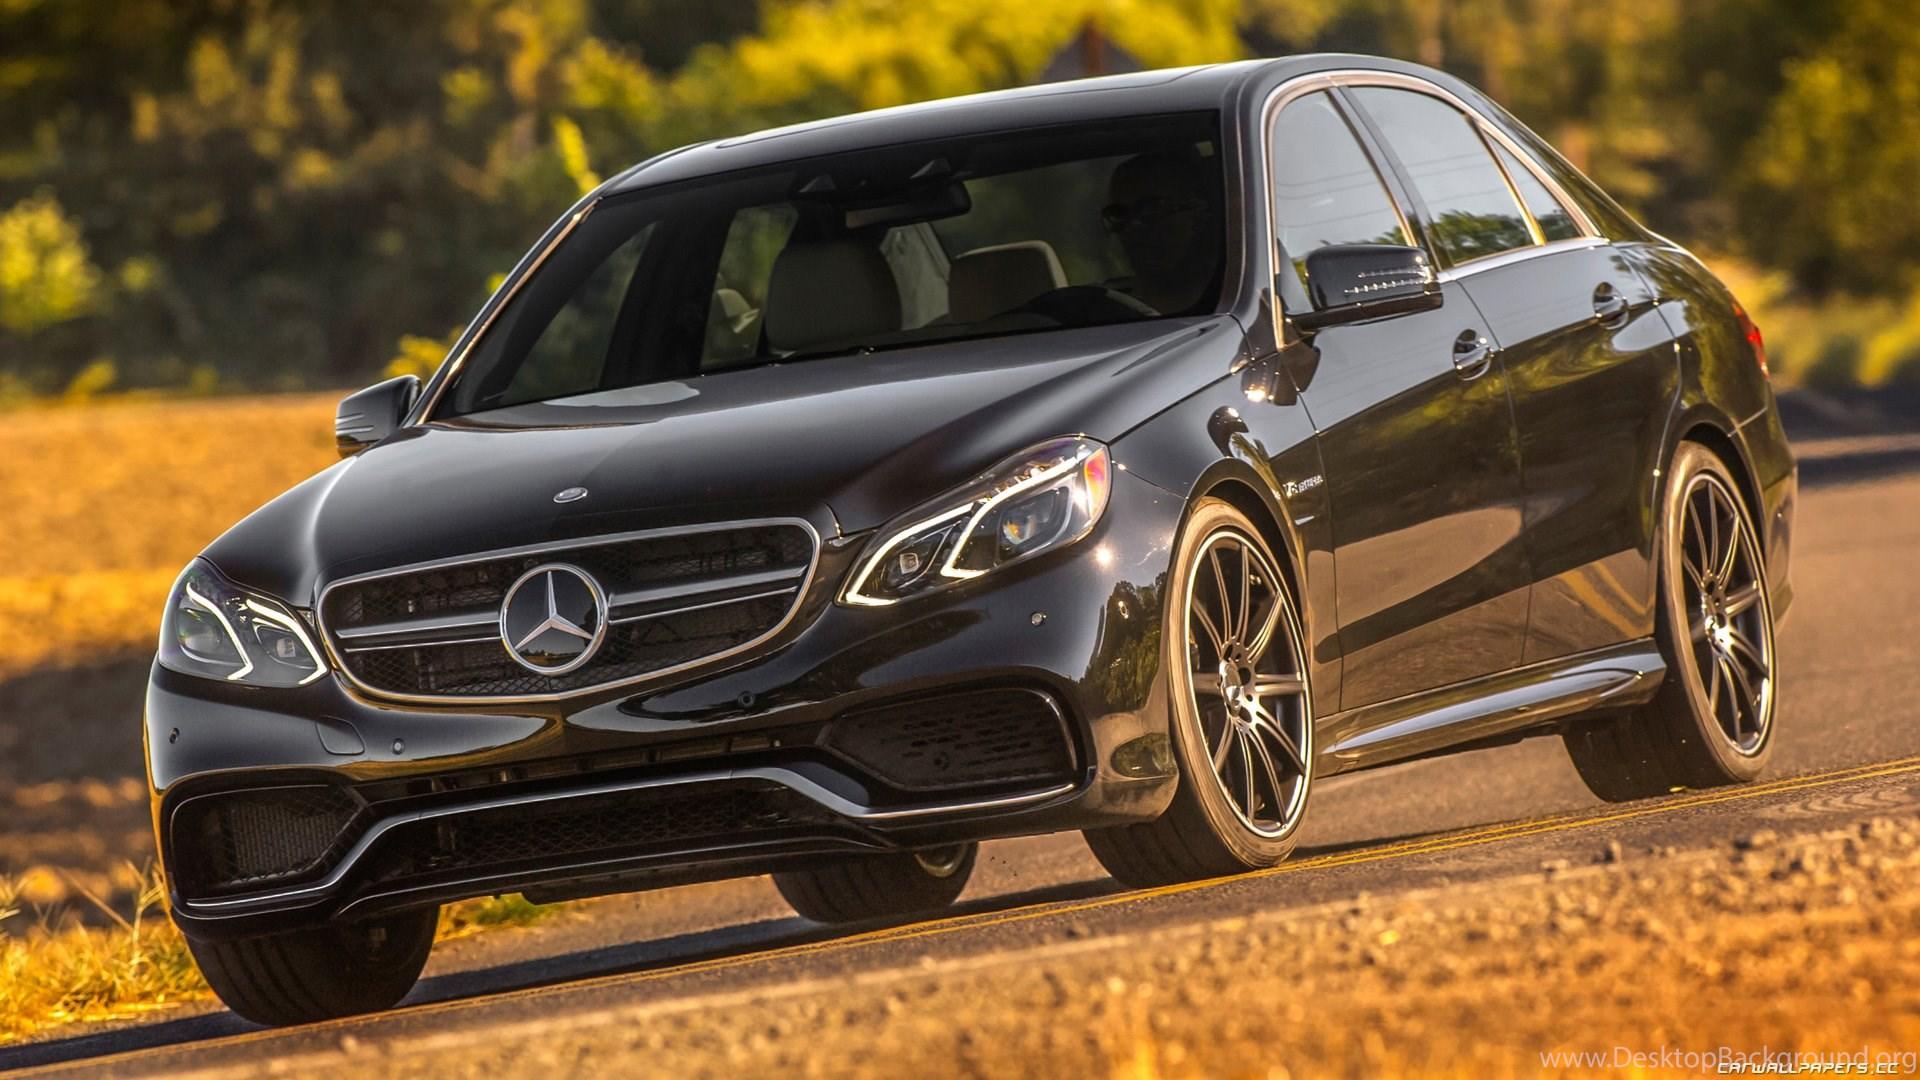 Car Wallpapers Mercedes Benz E63 AMG 4MATIC US spec 2014 Desktop